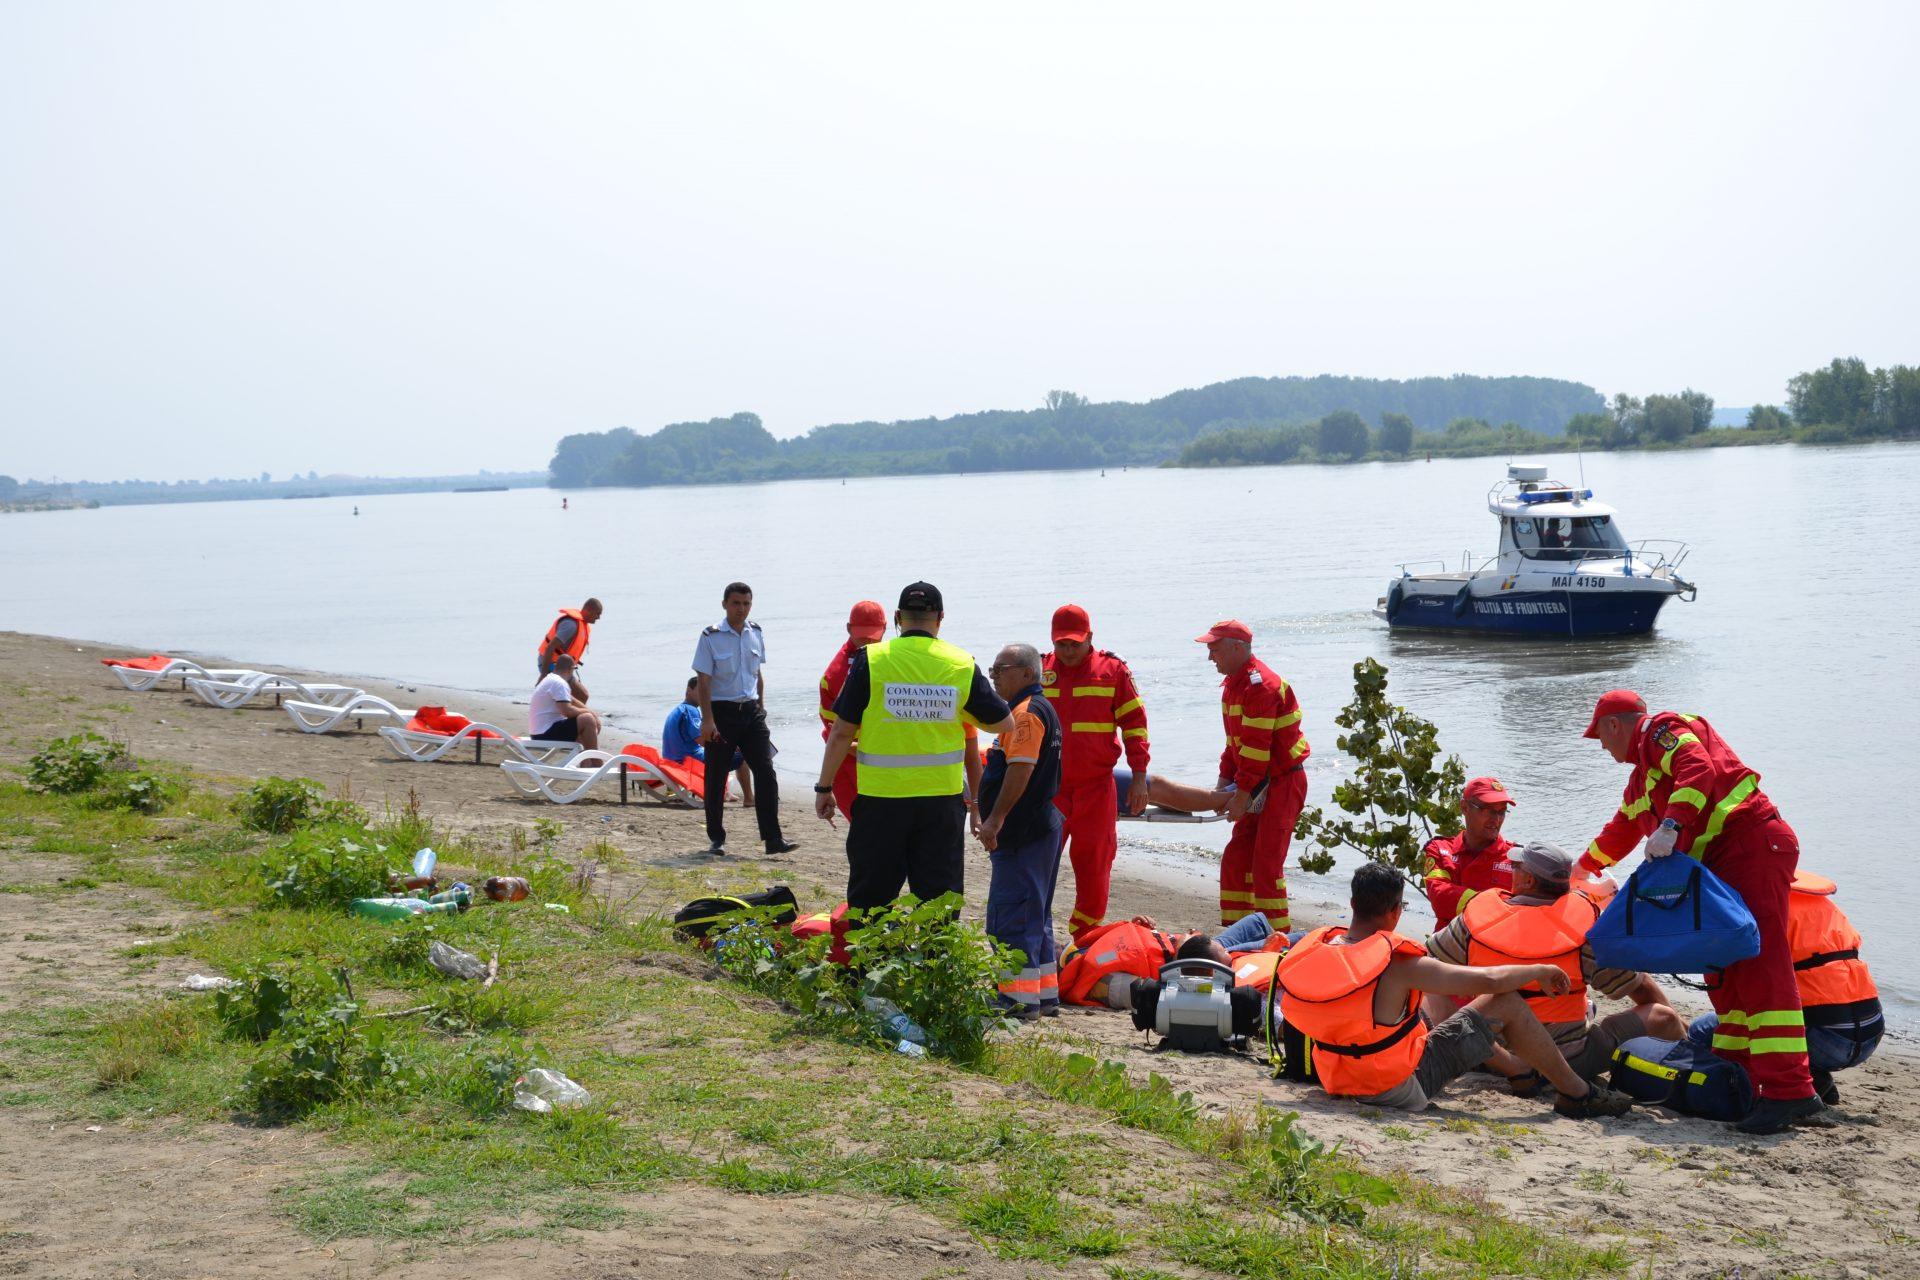 Simulare, accident naval cu victime multiple, pe Dunăre